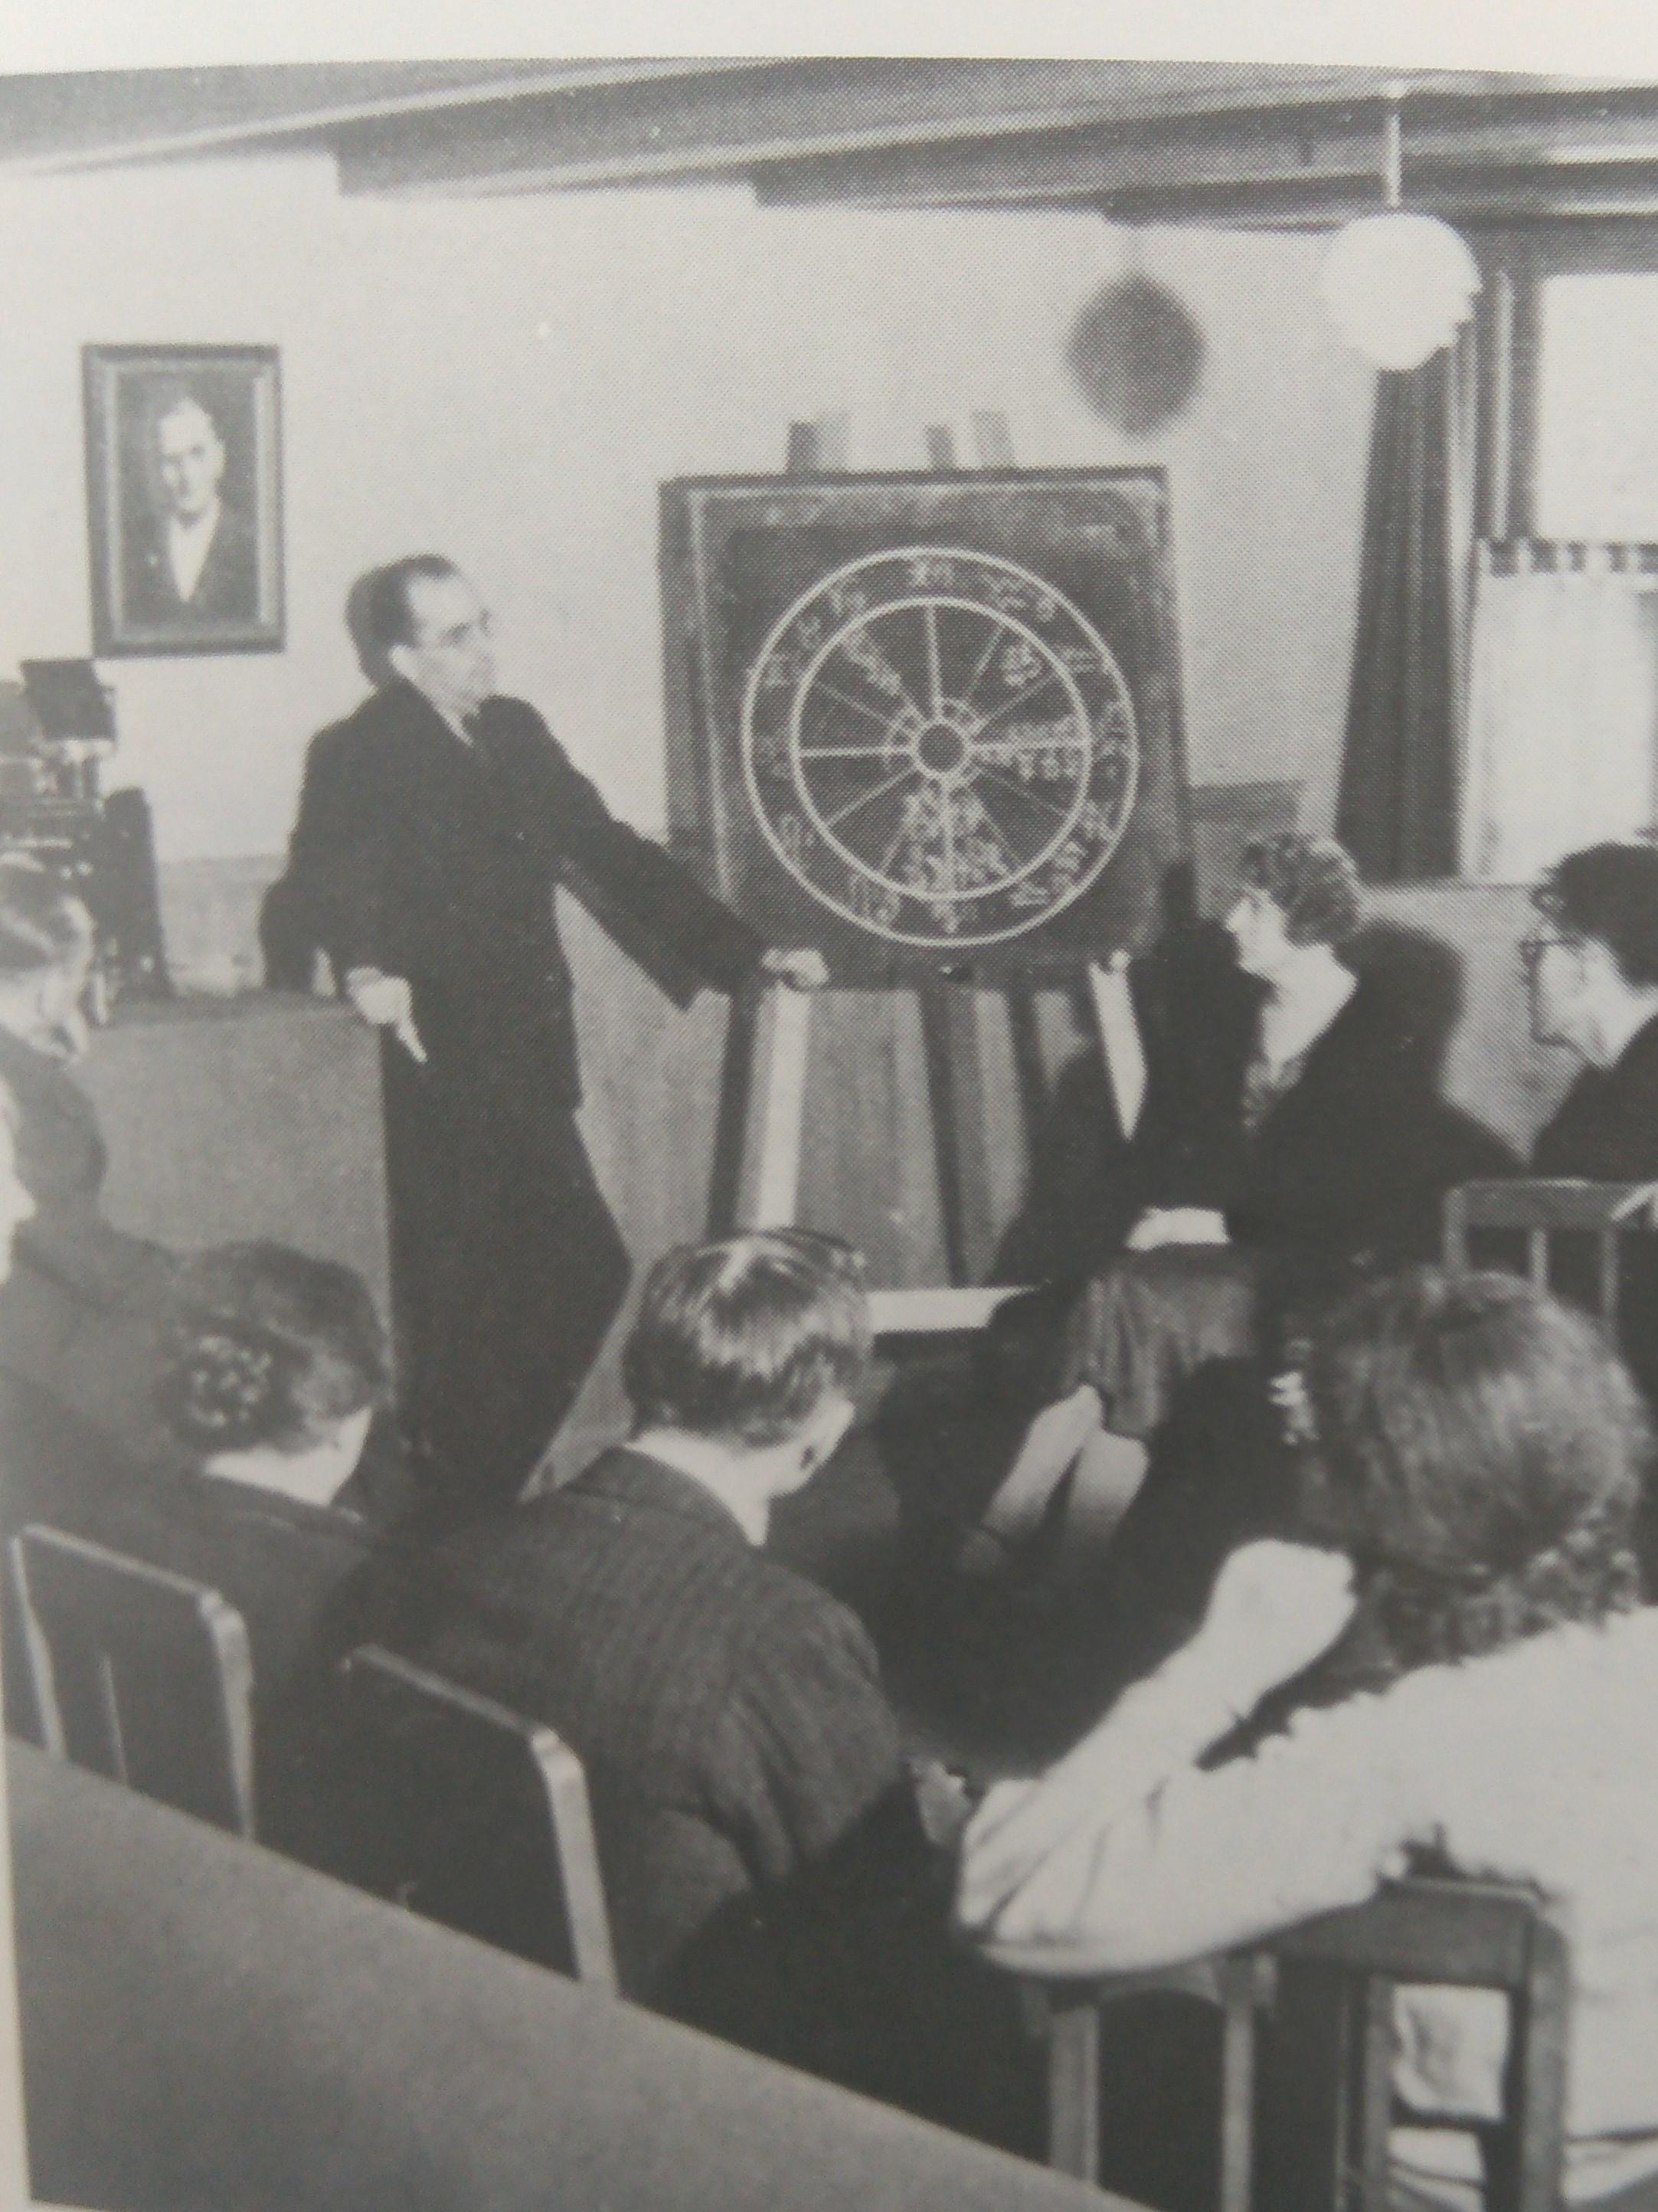 Rijckenborgh, dando una clase de lo que parece ser un curso de astrología, bajo el retrato de Heindel